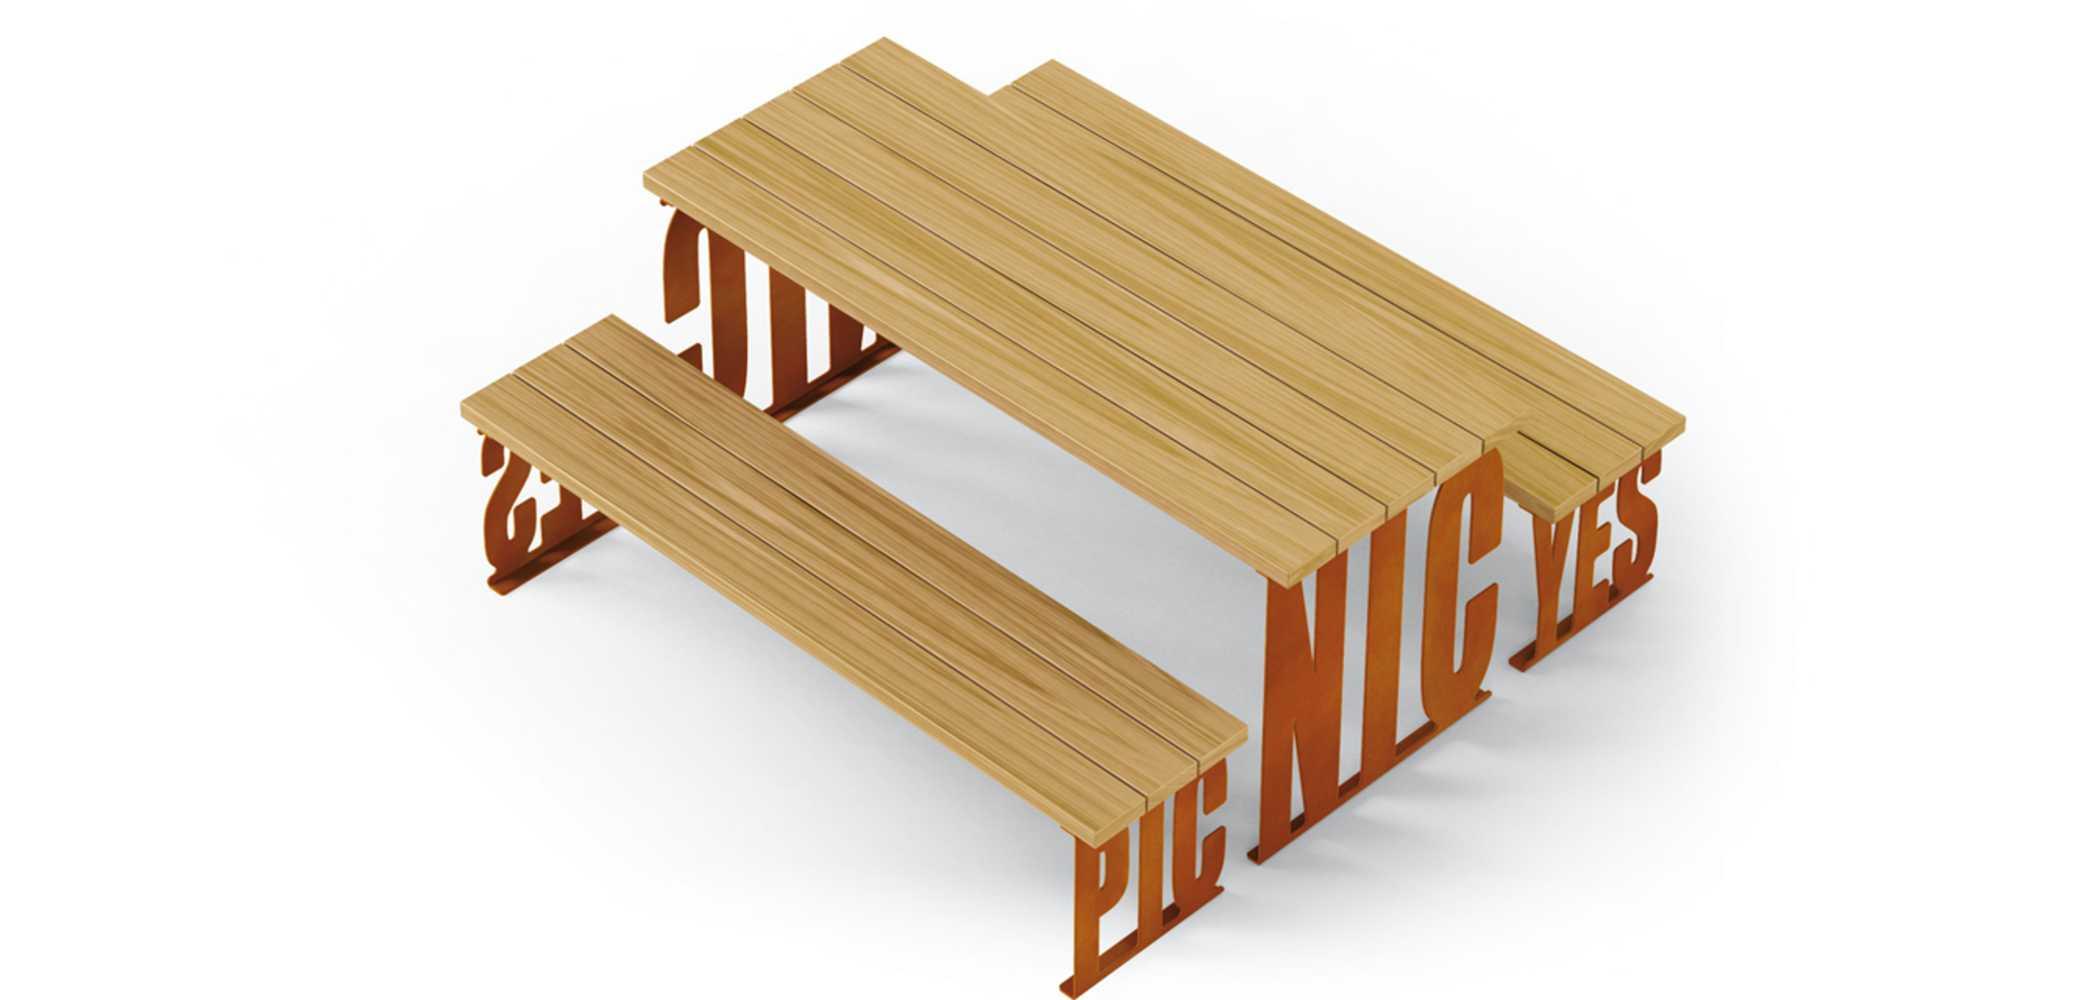 PIC NIC PICNIC TABLE